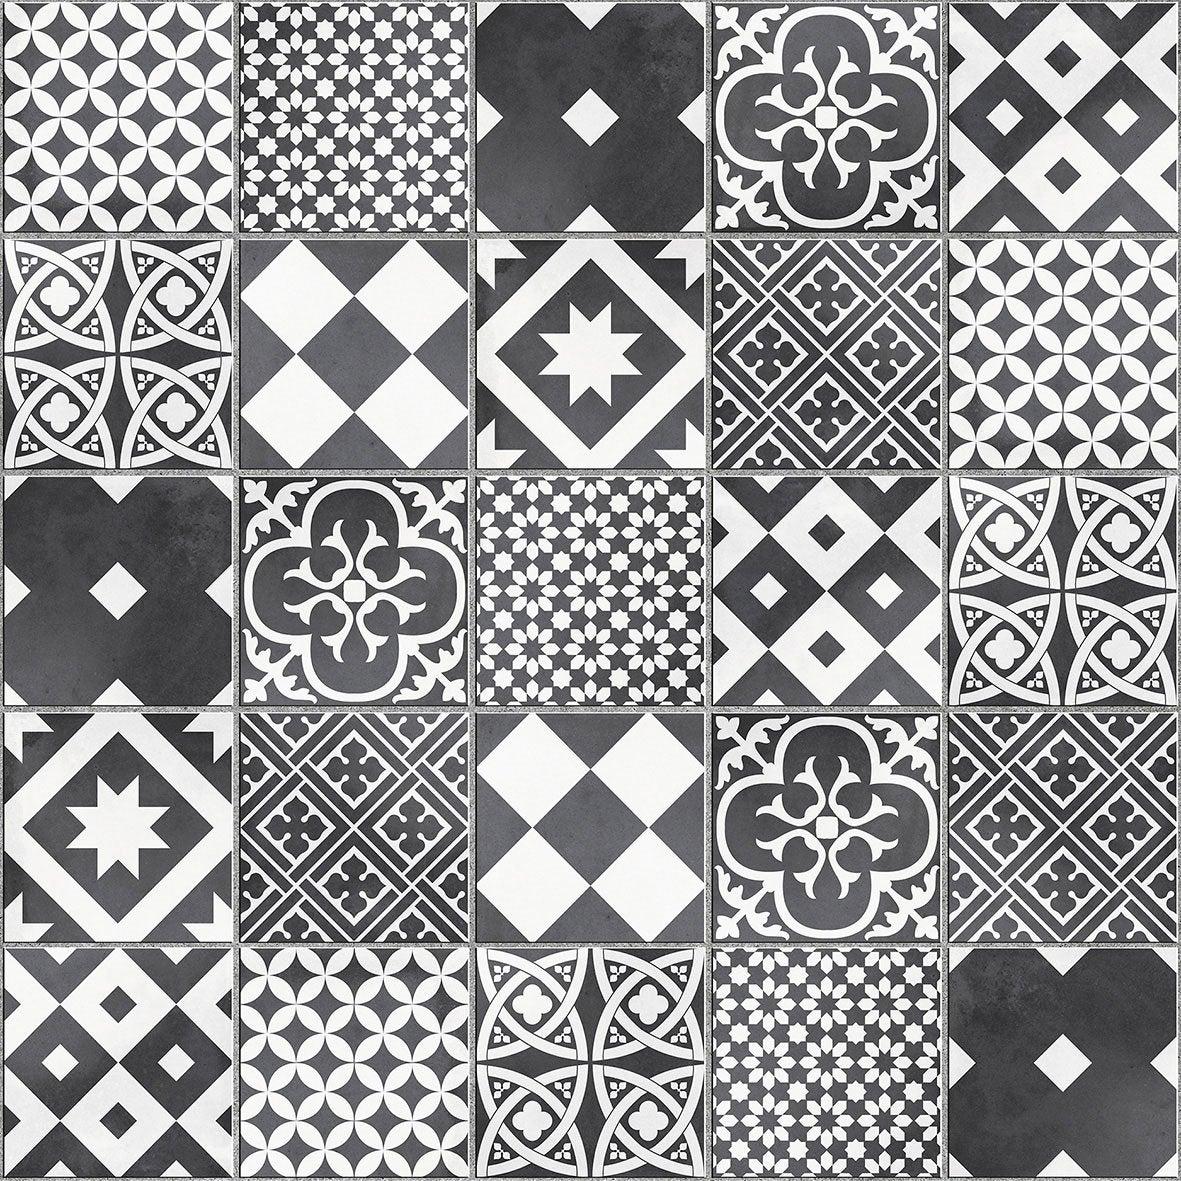 mosaque sol et mur gatsby dcor noir et blanc - Galet Noir Salle De Bain